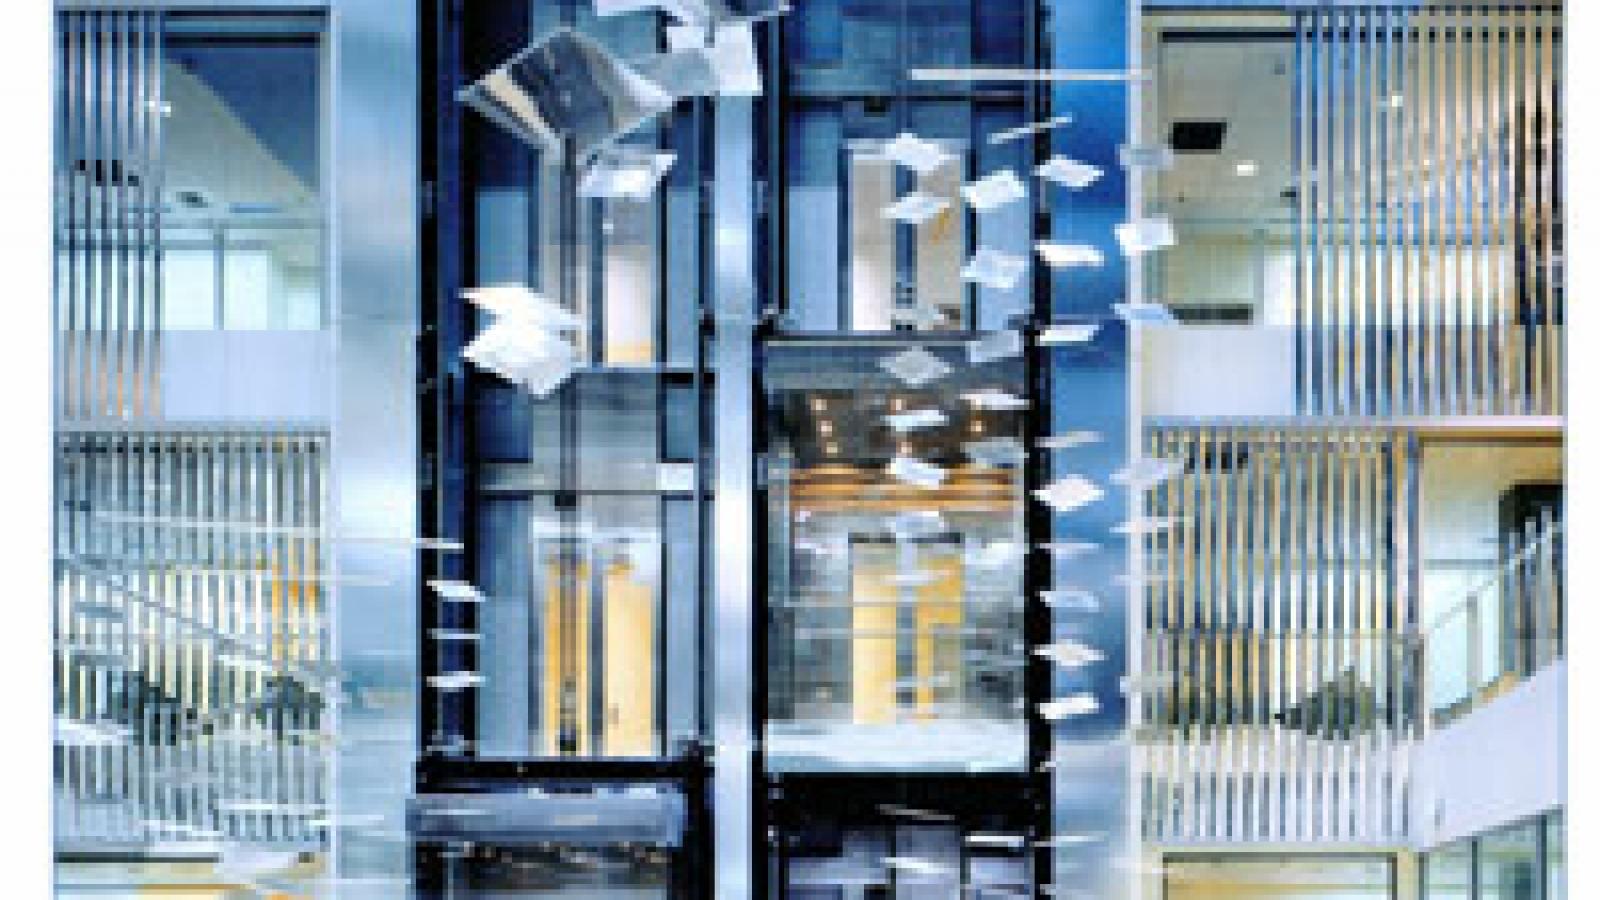 ArchitekturSonnenschutz_2004_06